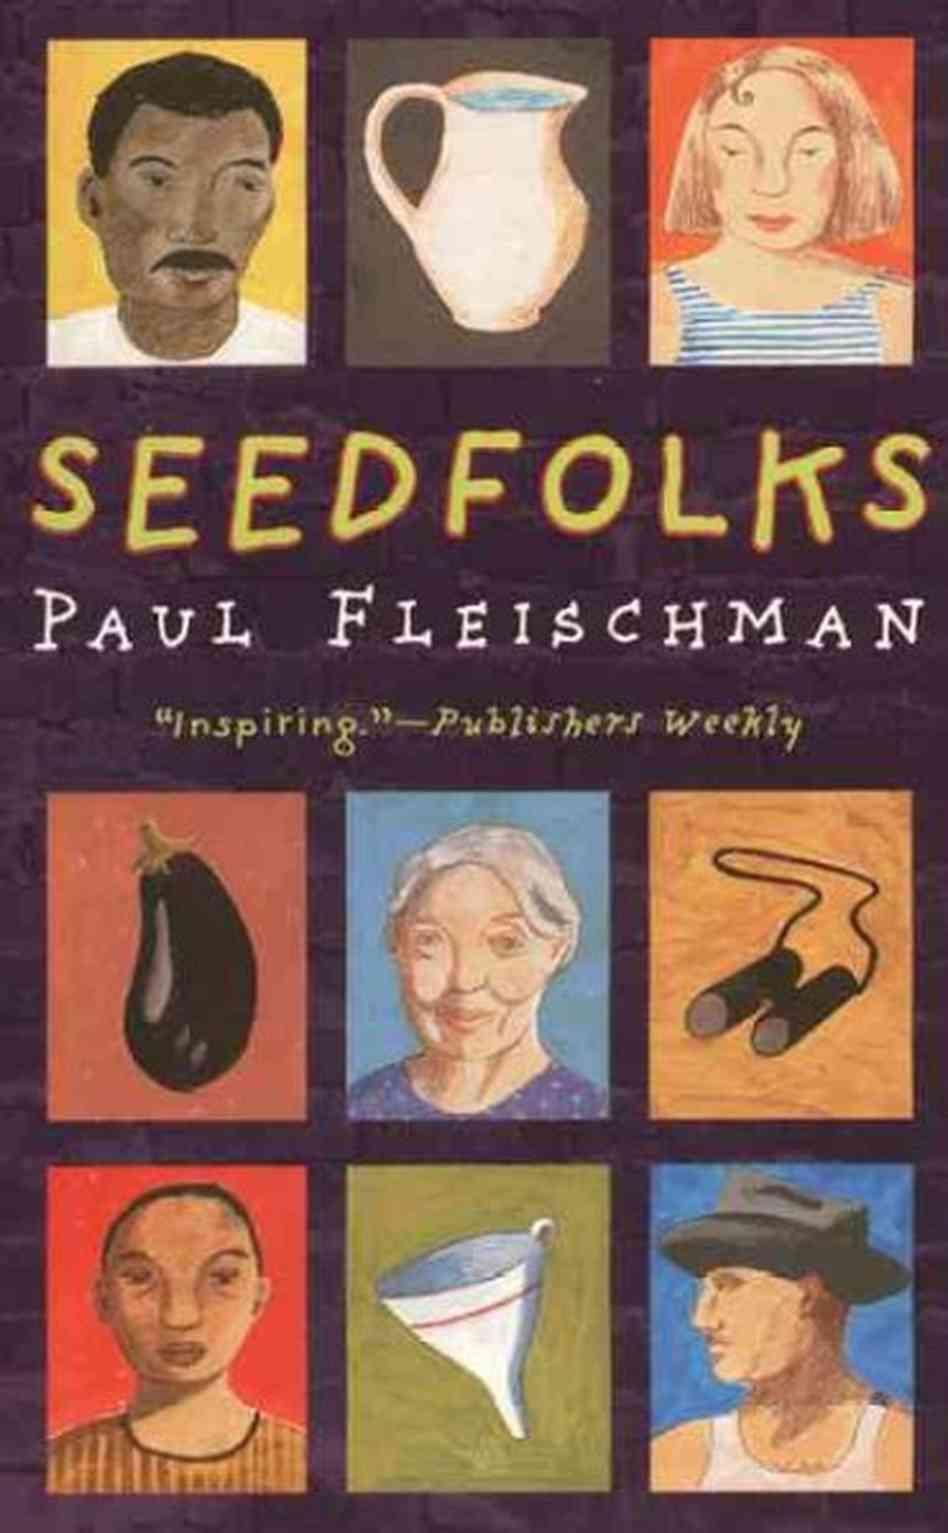 seedfolks.jpg